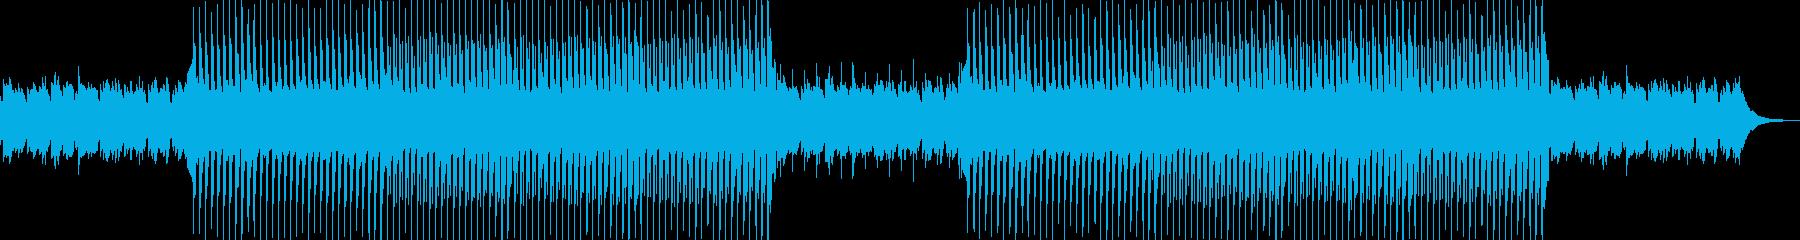 都会・洗練・日常・スタイリッシュ企業VPの再生済みの波形